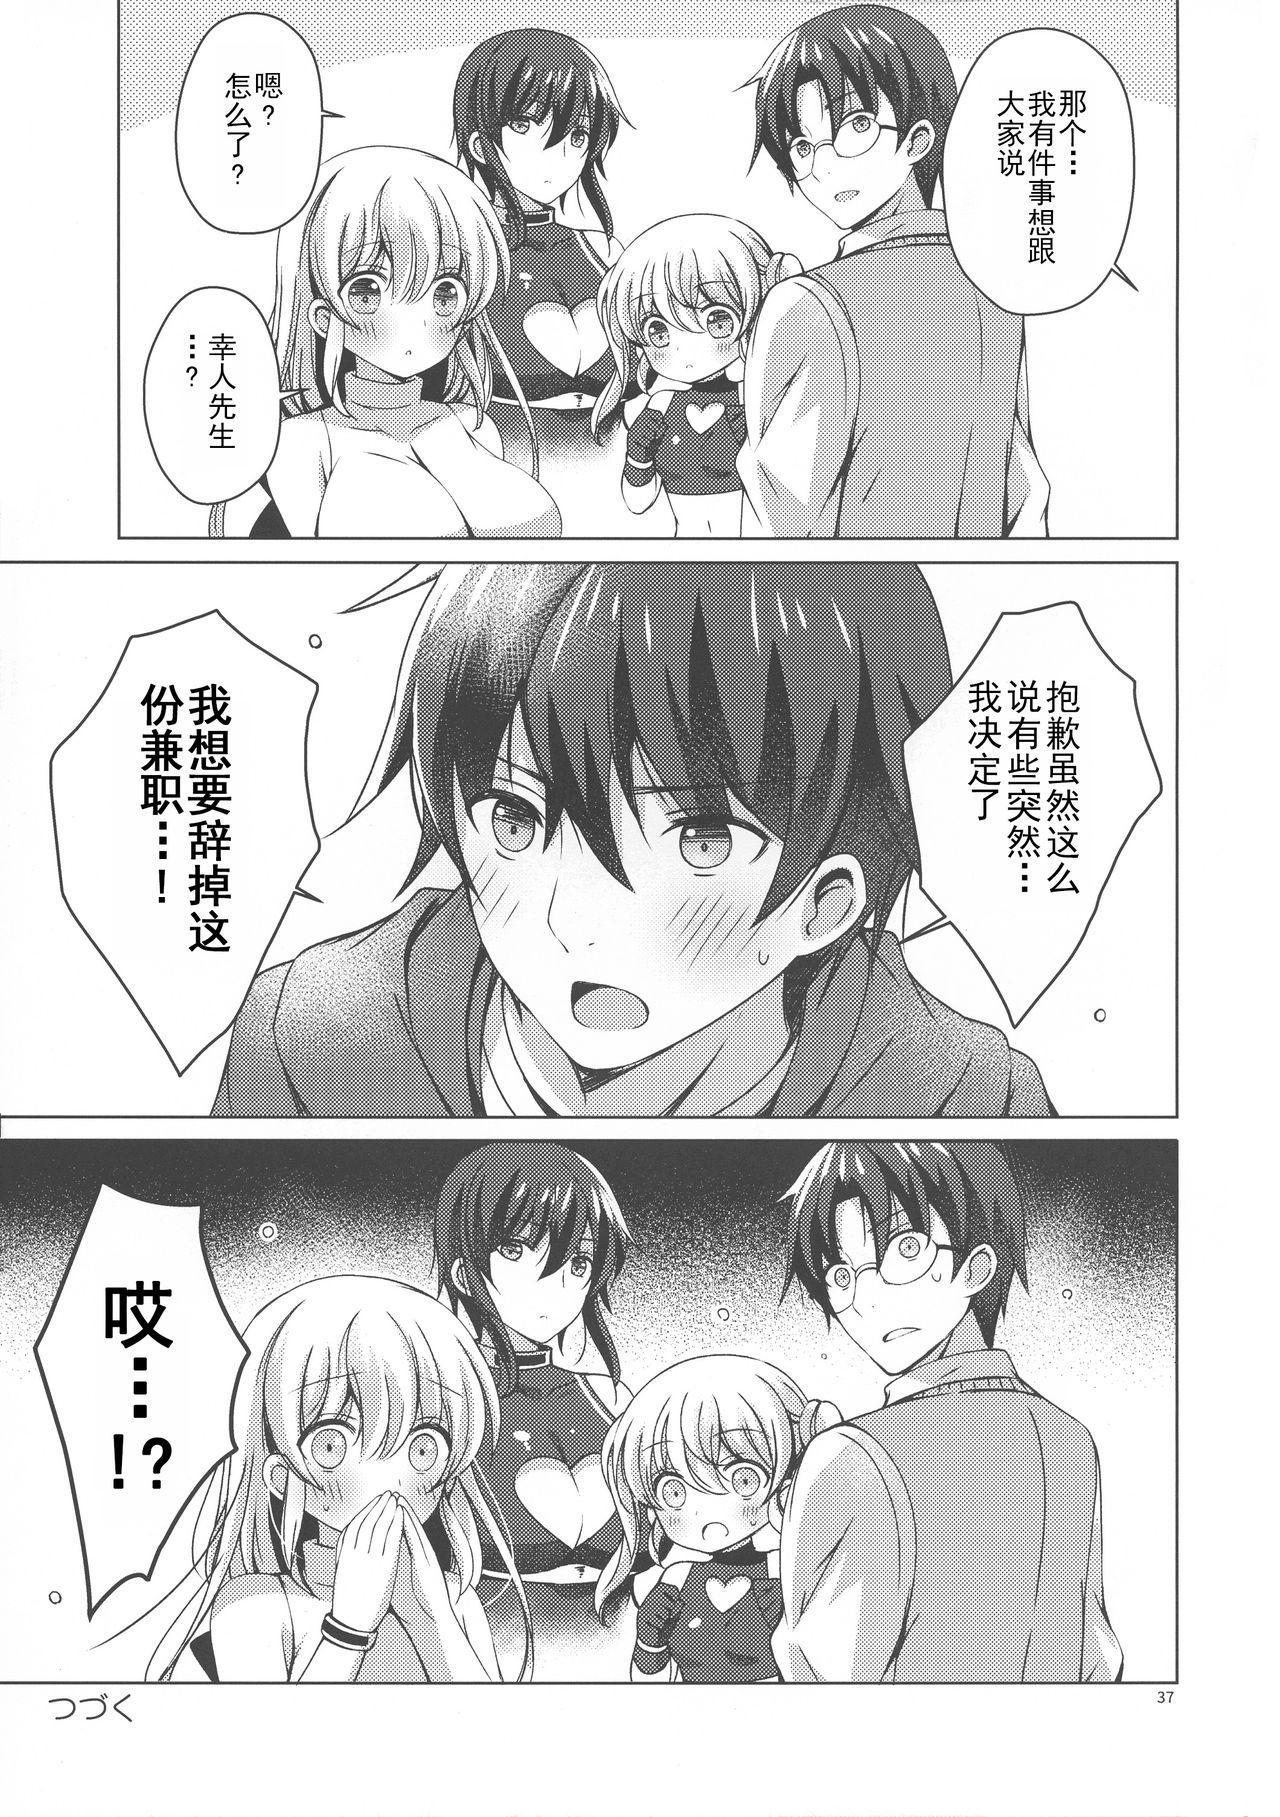 Android no Watashi ni Nenryou Hokyuu shite Kudasai 6 35